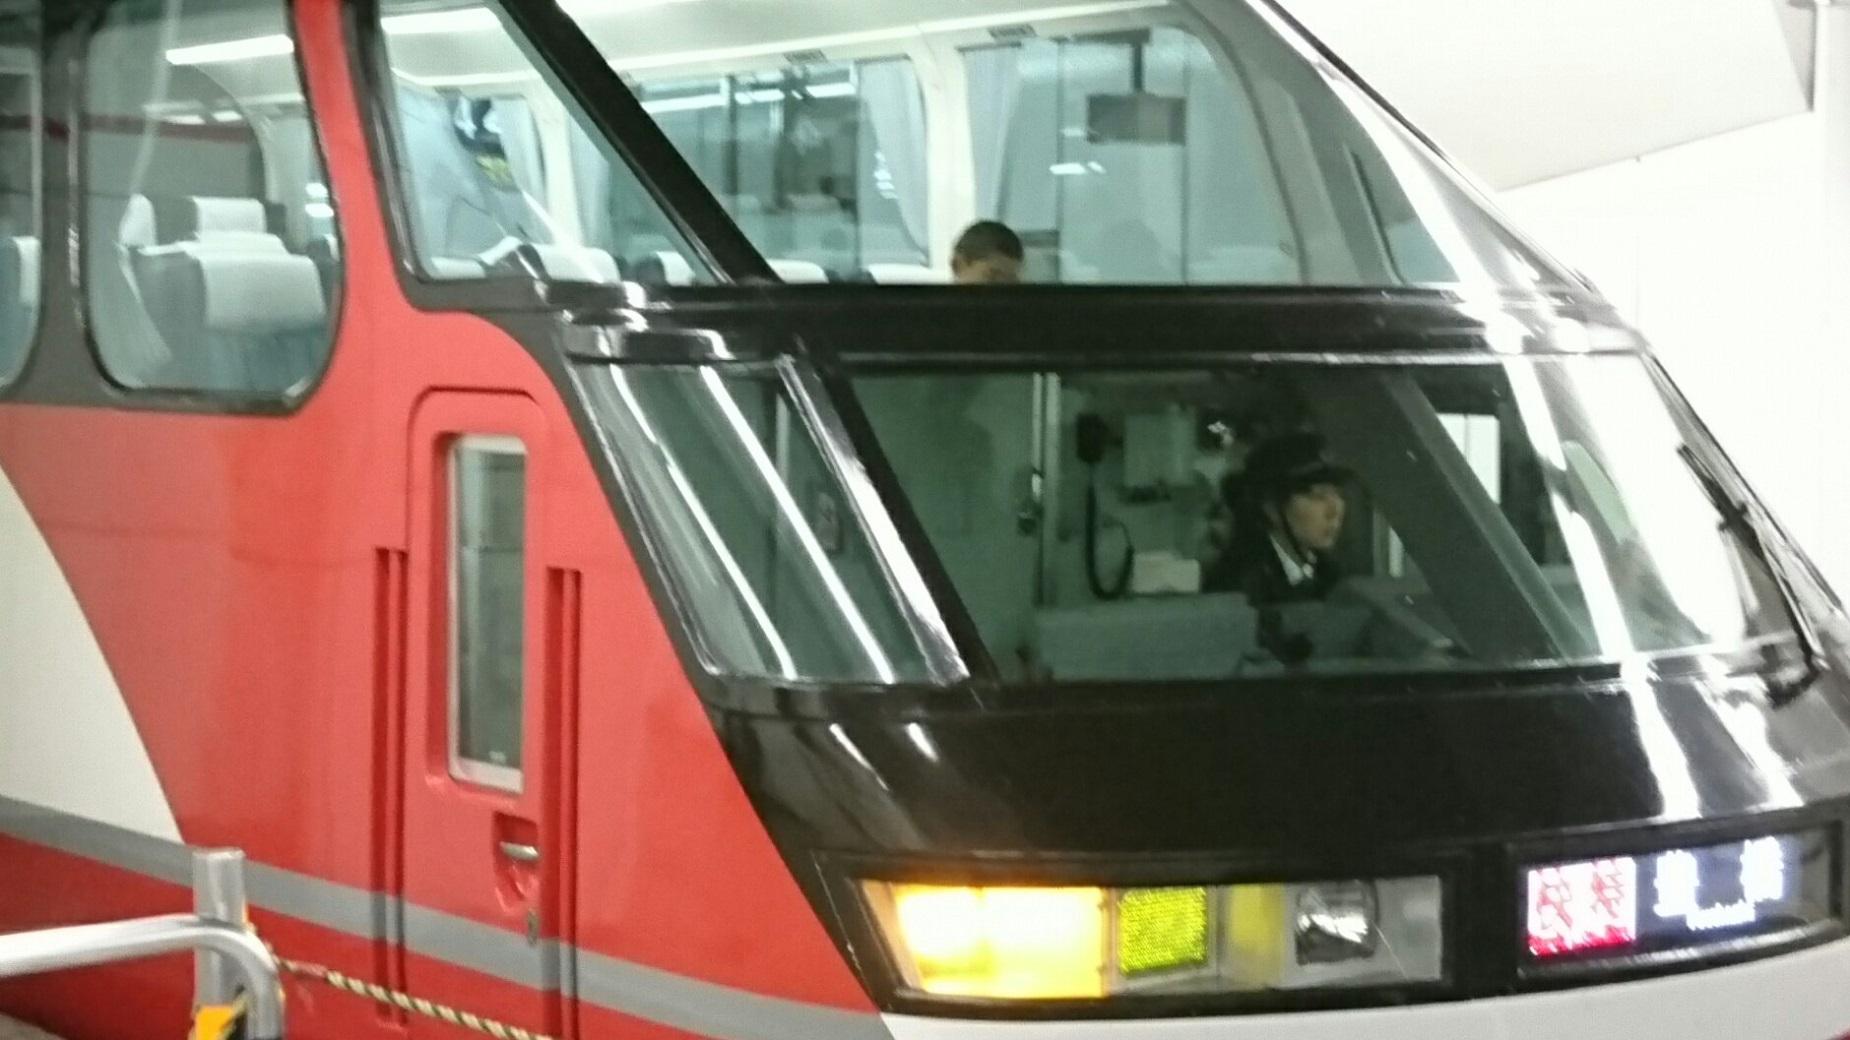 2017.11.6 名鉄 (11) 名古屋 - 豊橋いき快速特急 1850-1040